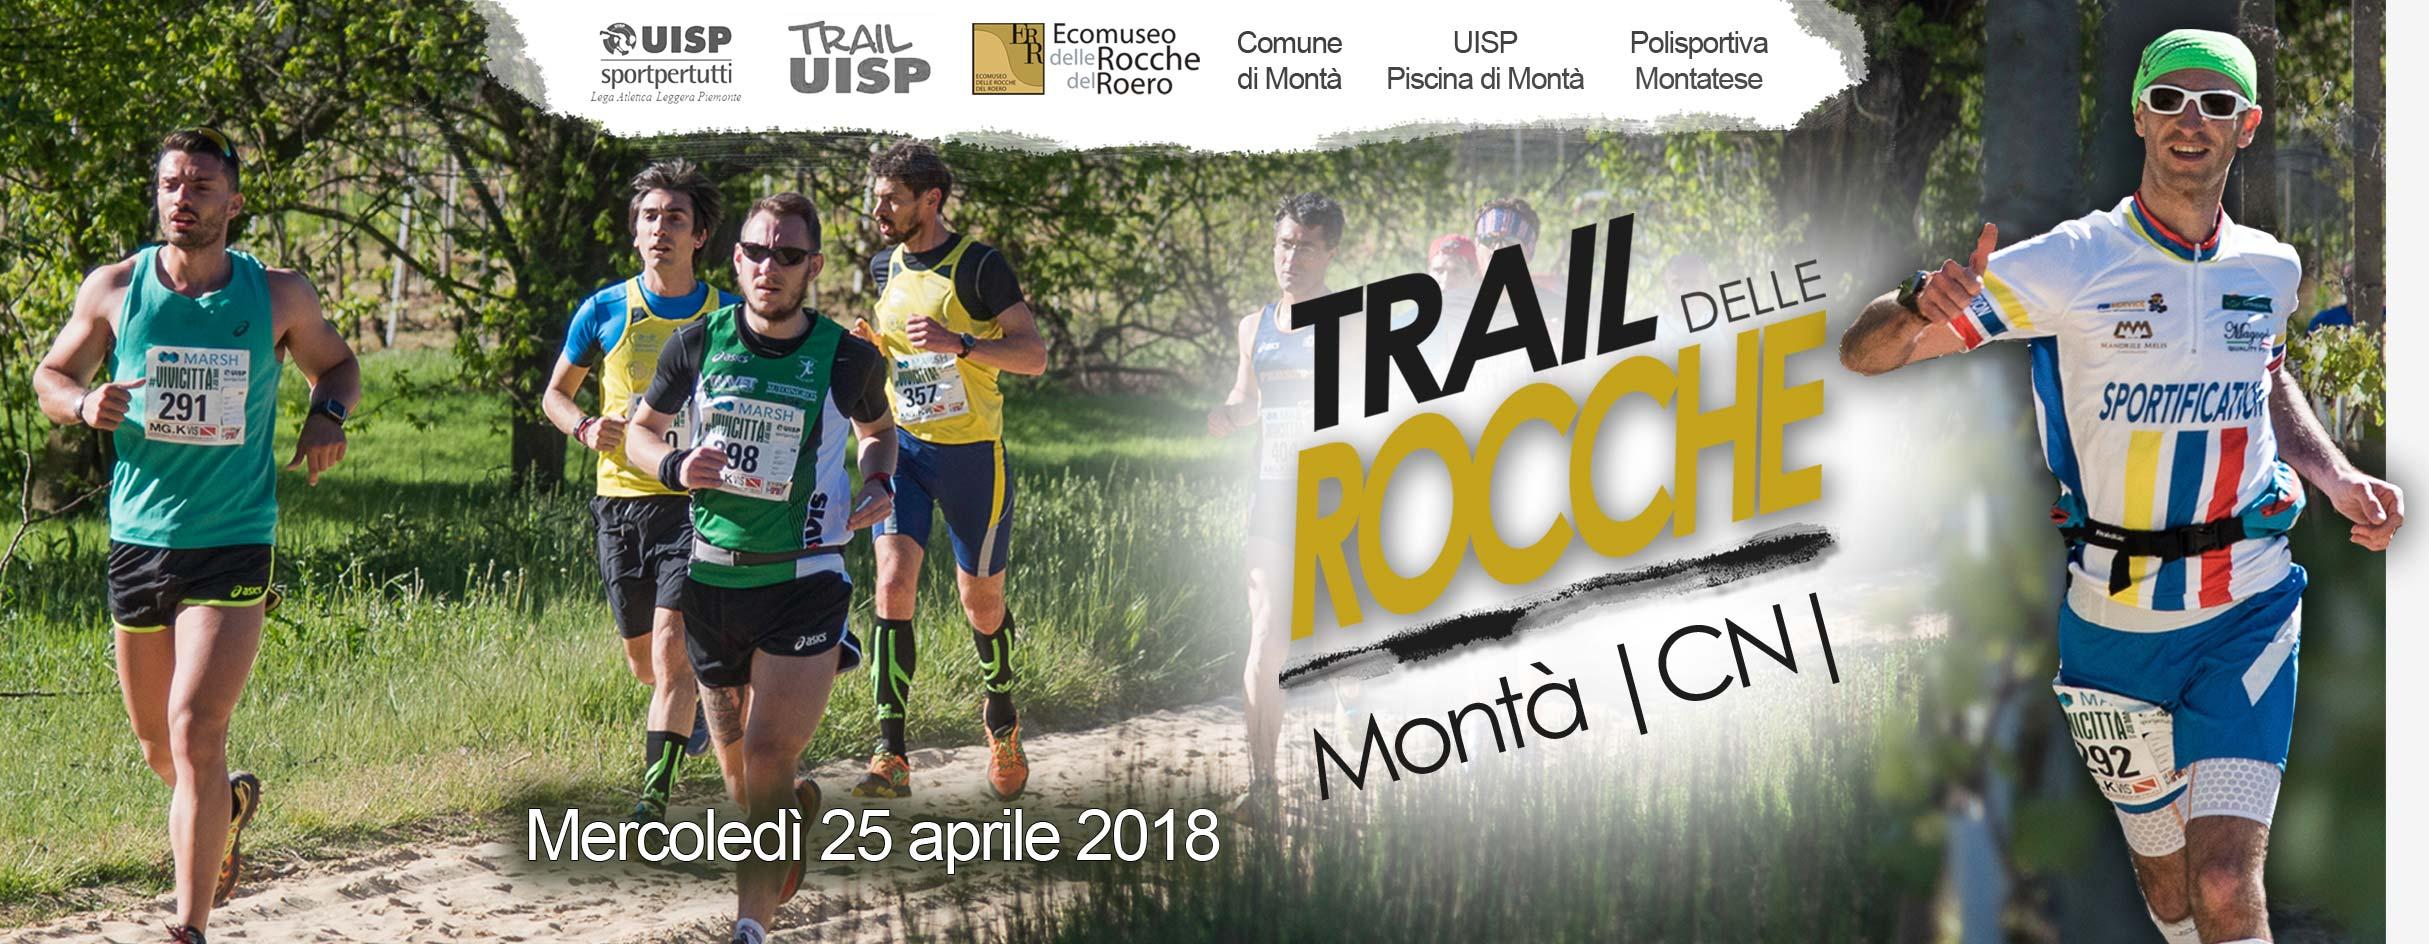 Trail delle Rocche del Roero a Montà 25 aprile